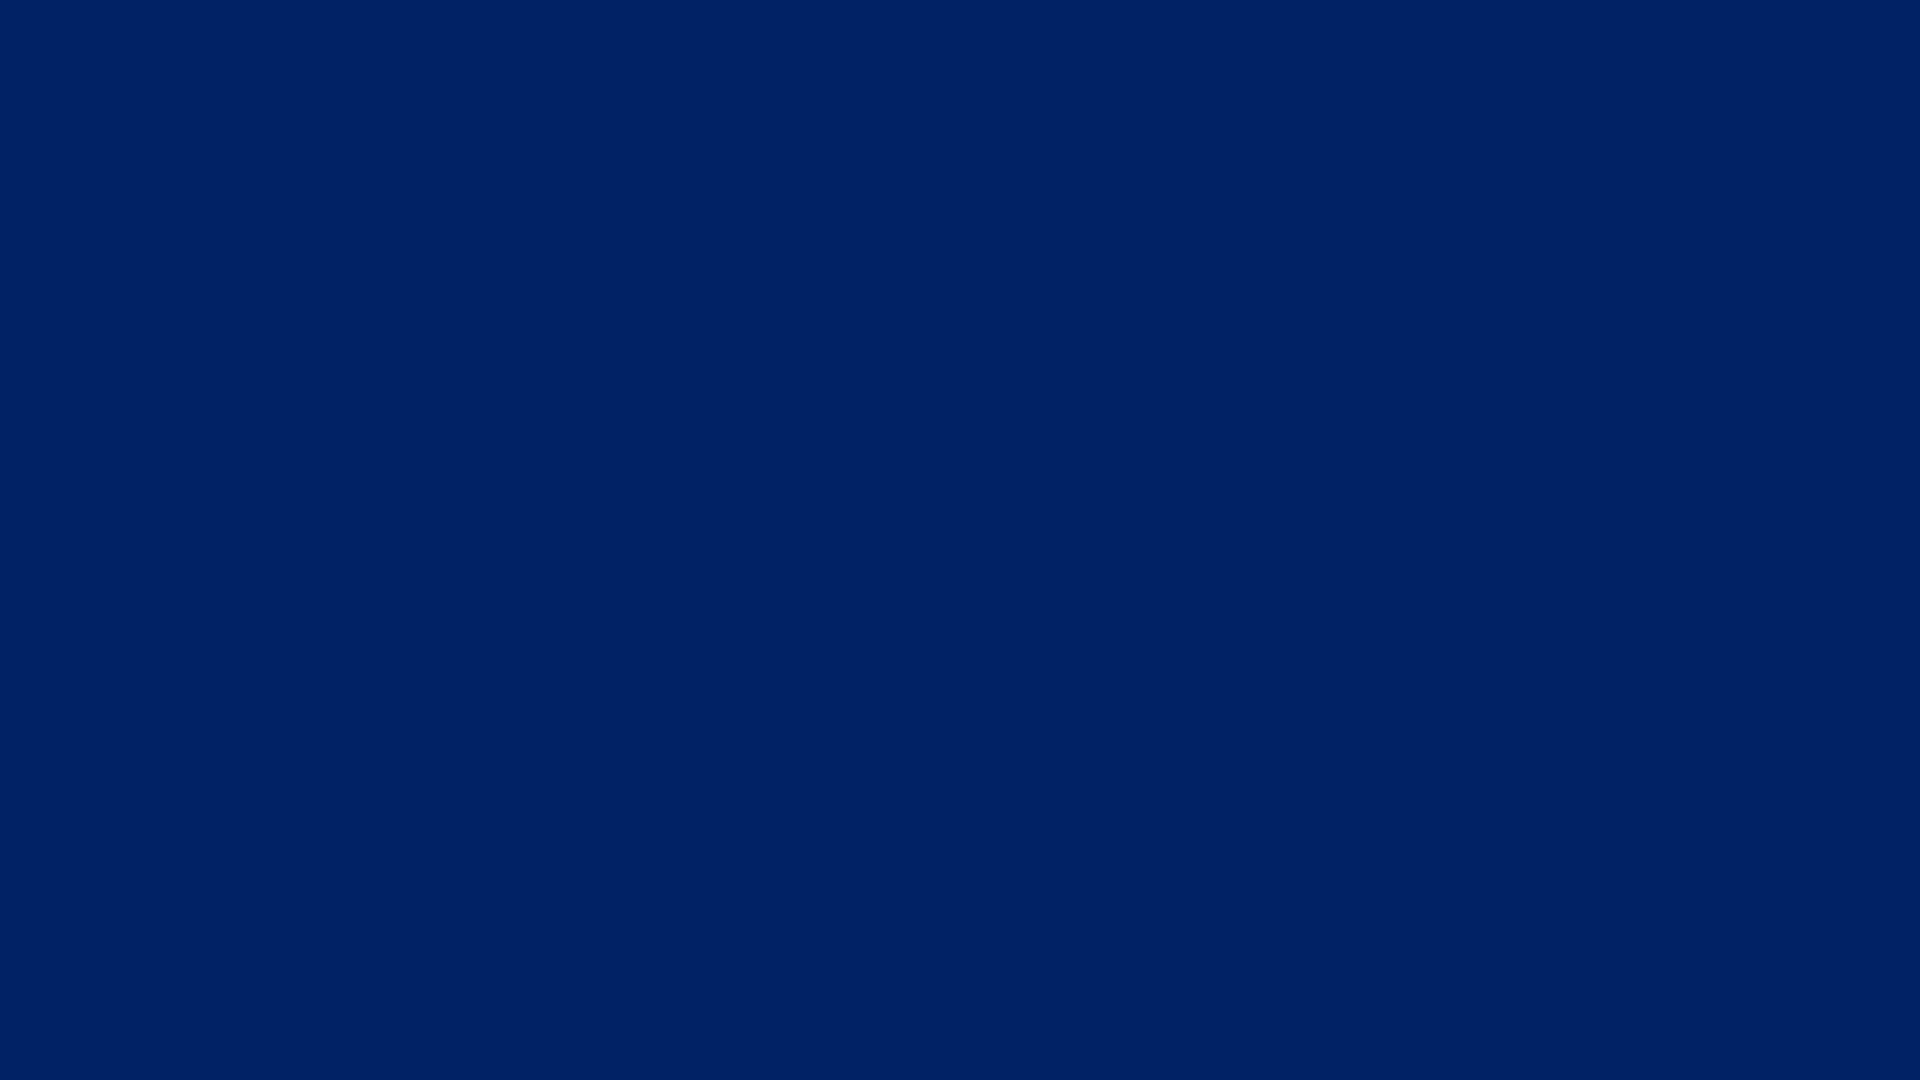 plain royal blue backgrounds